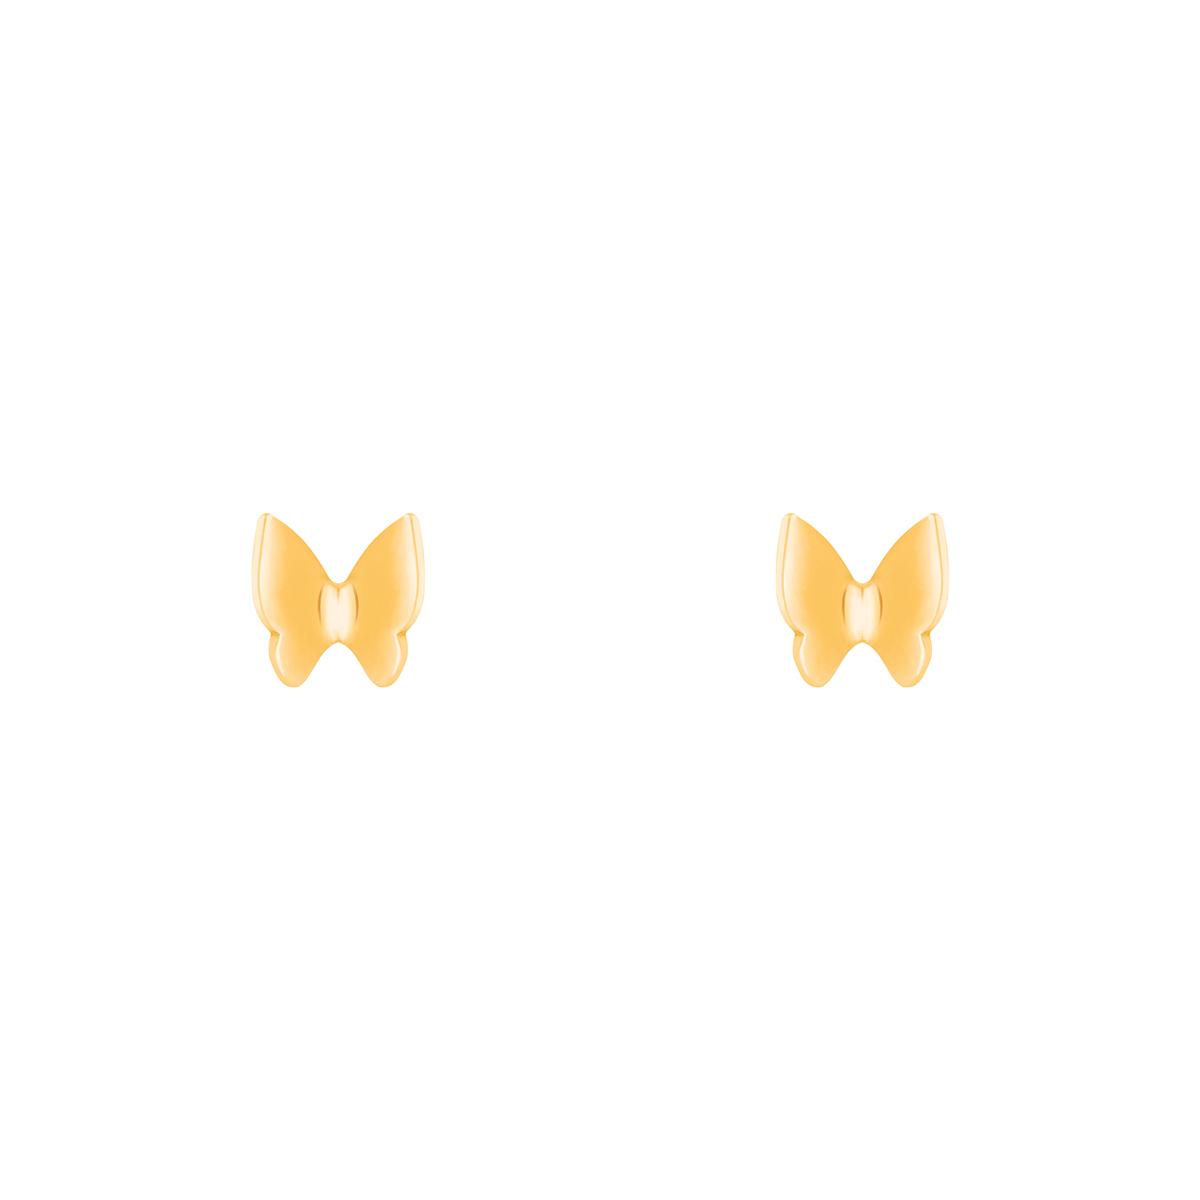 گوشواره طلا پروانه بزرگ